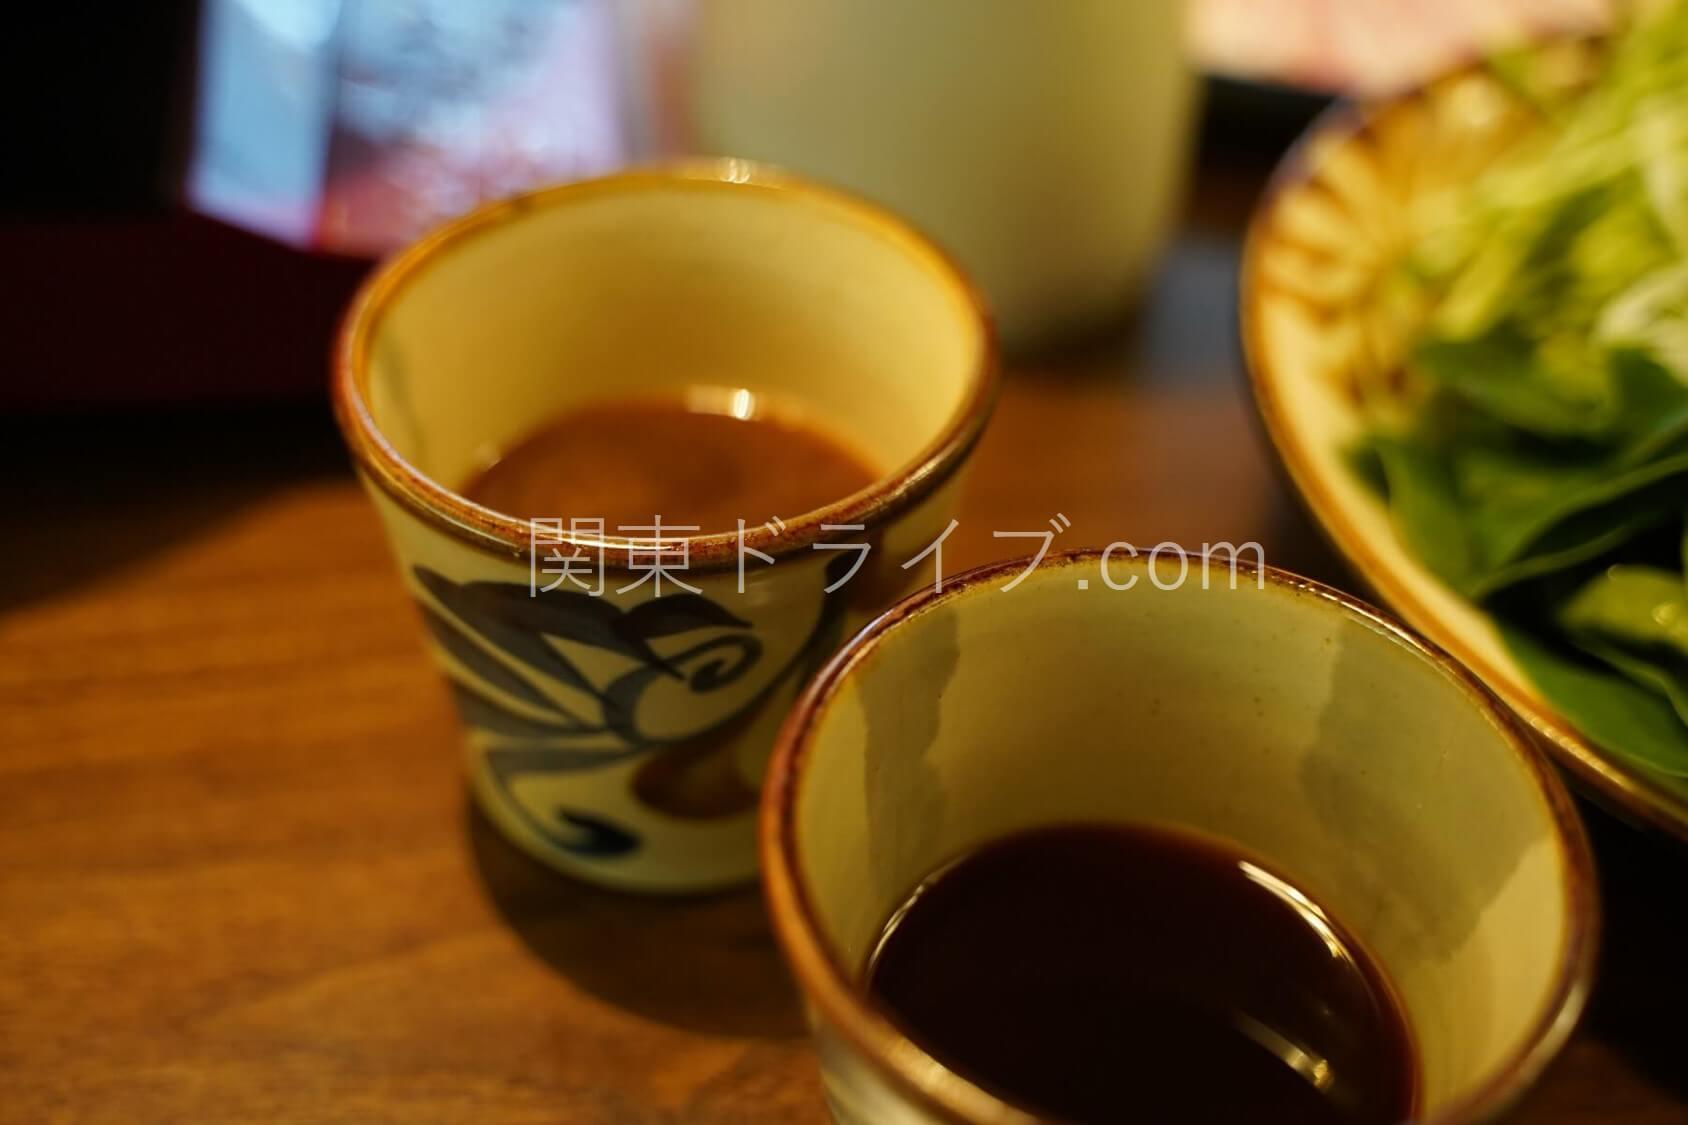 あぐーしゃぶしゃぶ・沖縄料理「かふぅ」の料理7